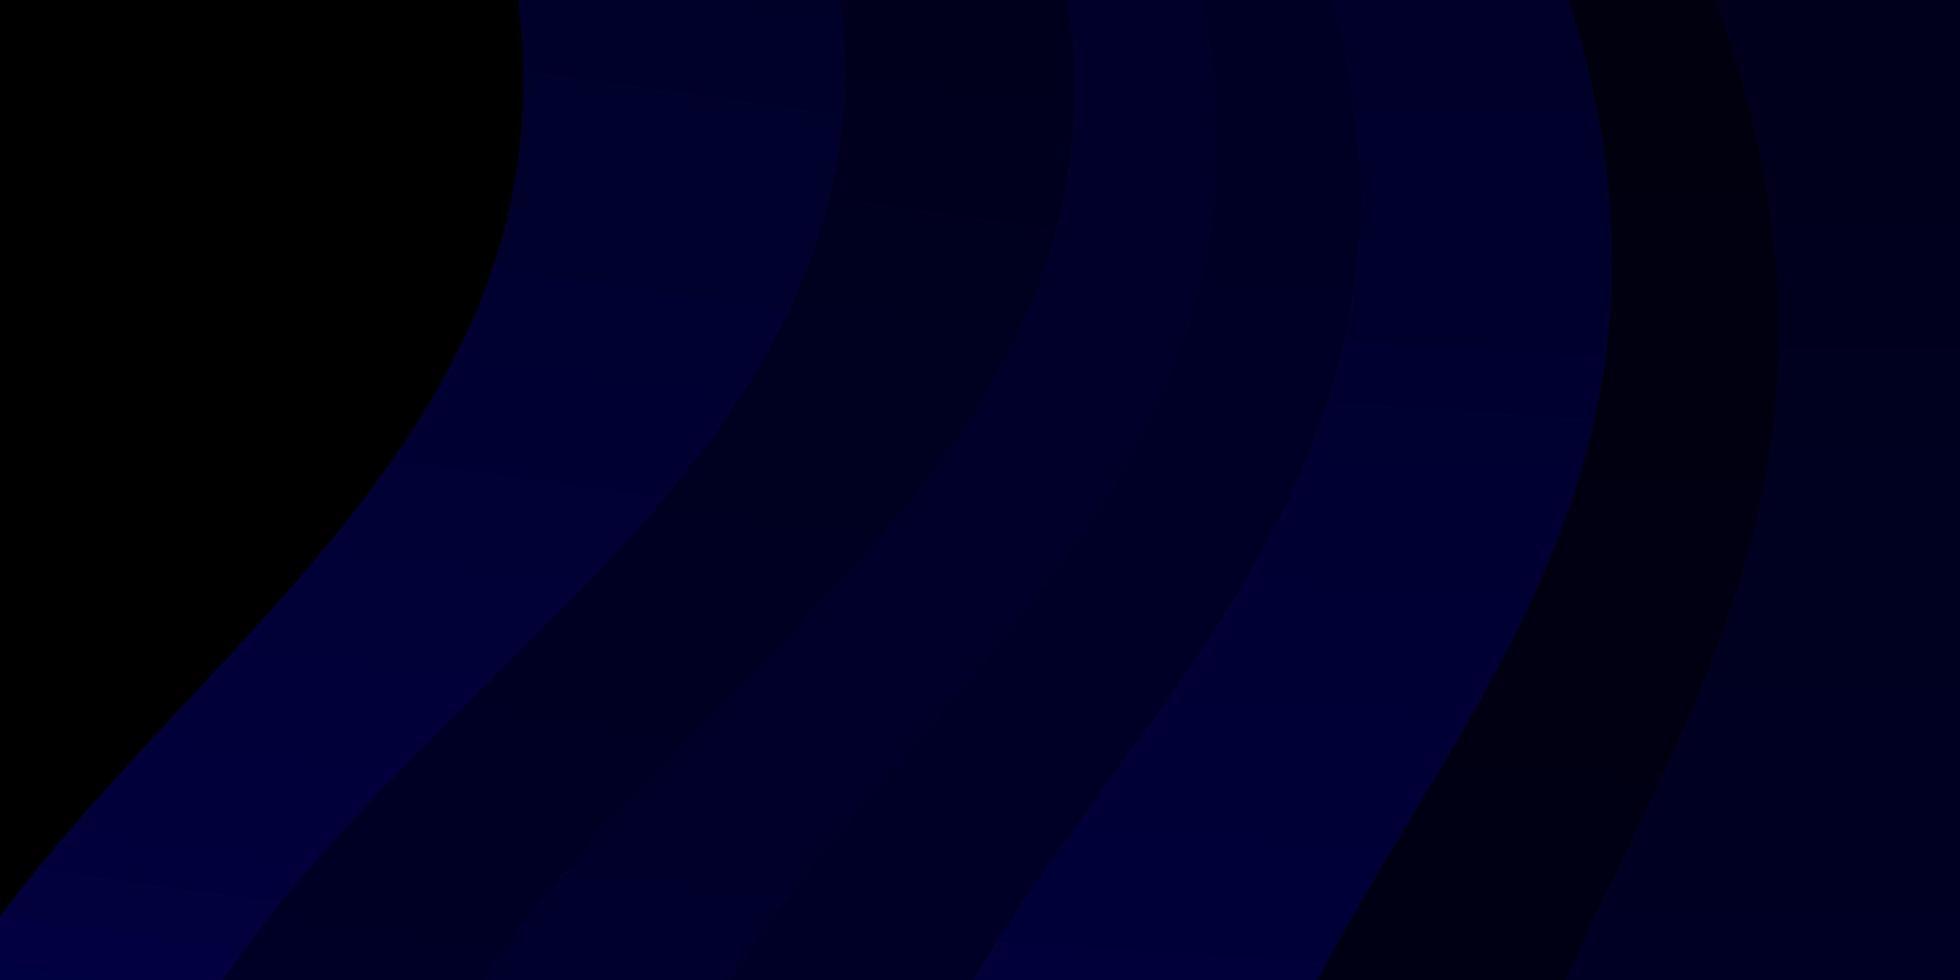 patrón de vector azul oscuro con líneas torcidas.